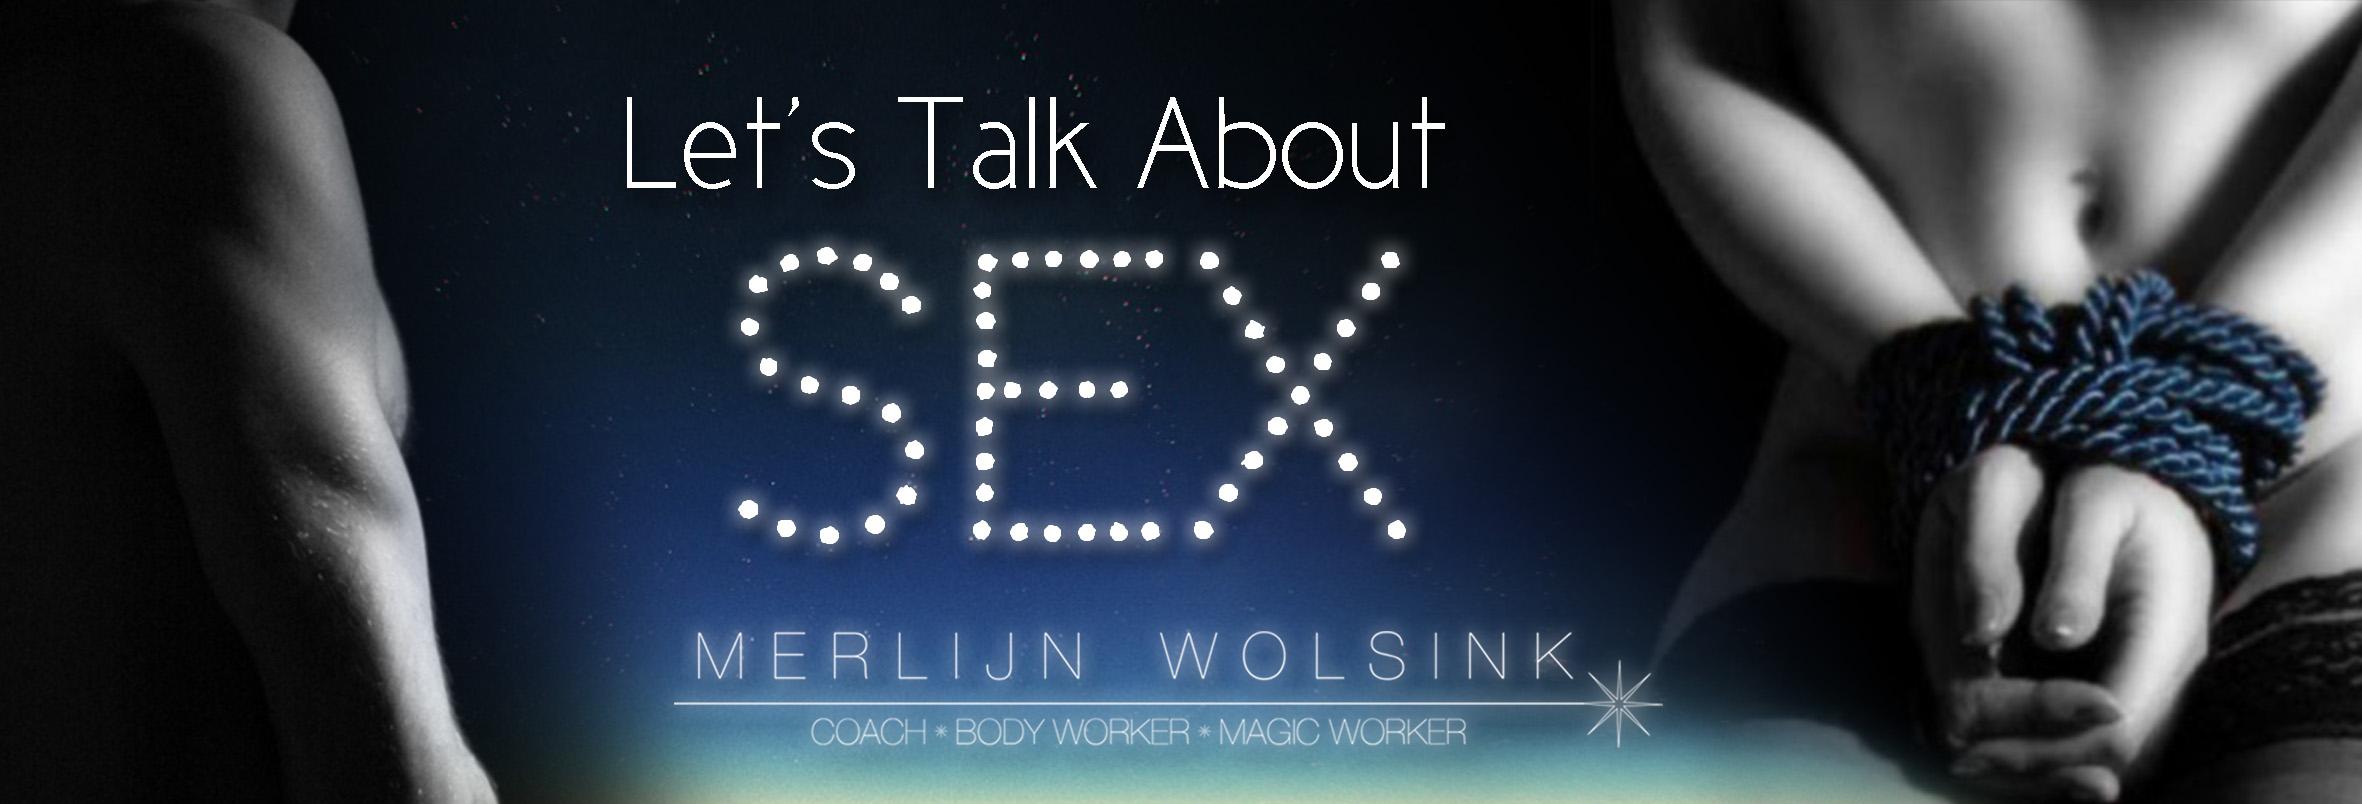 Merlijn Wolsink - Let's Talk About Sex